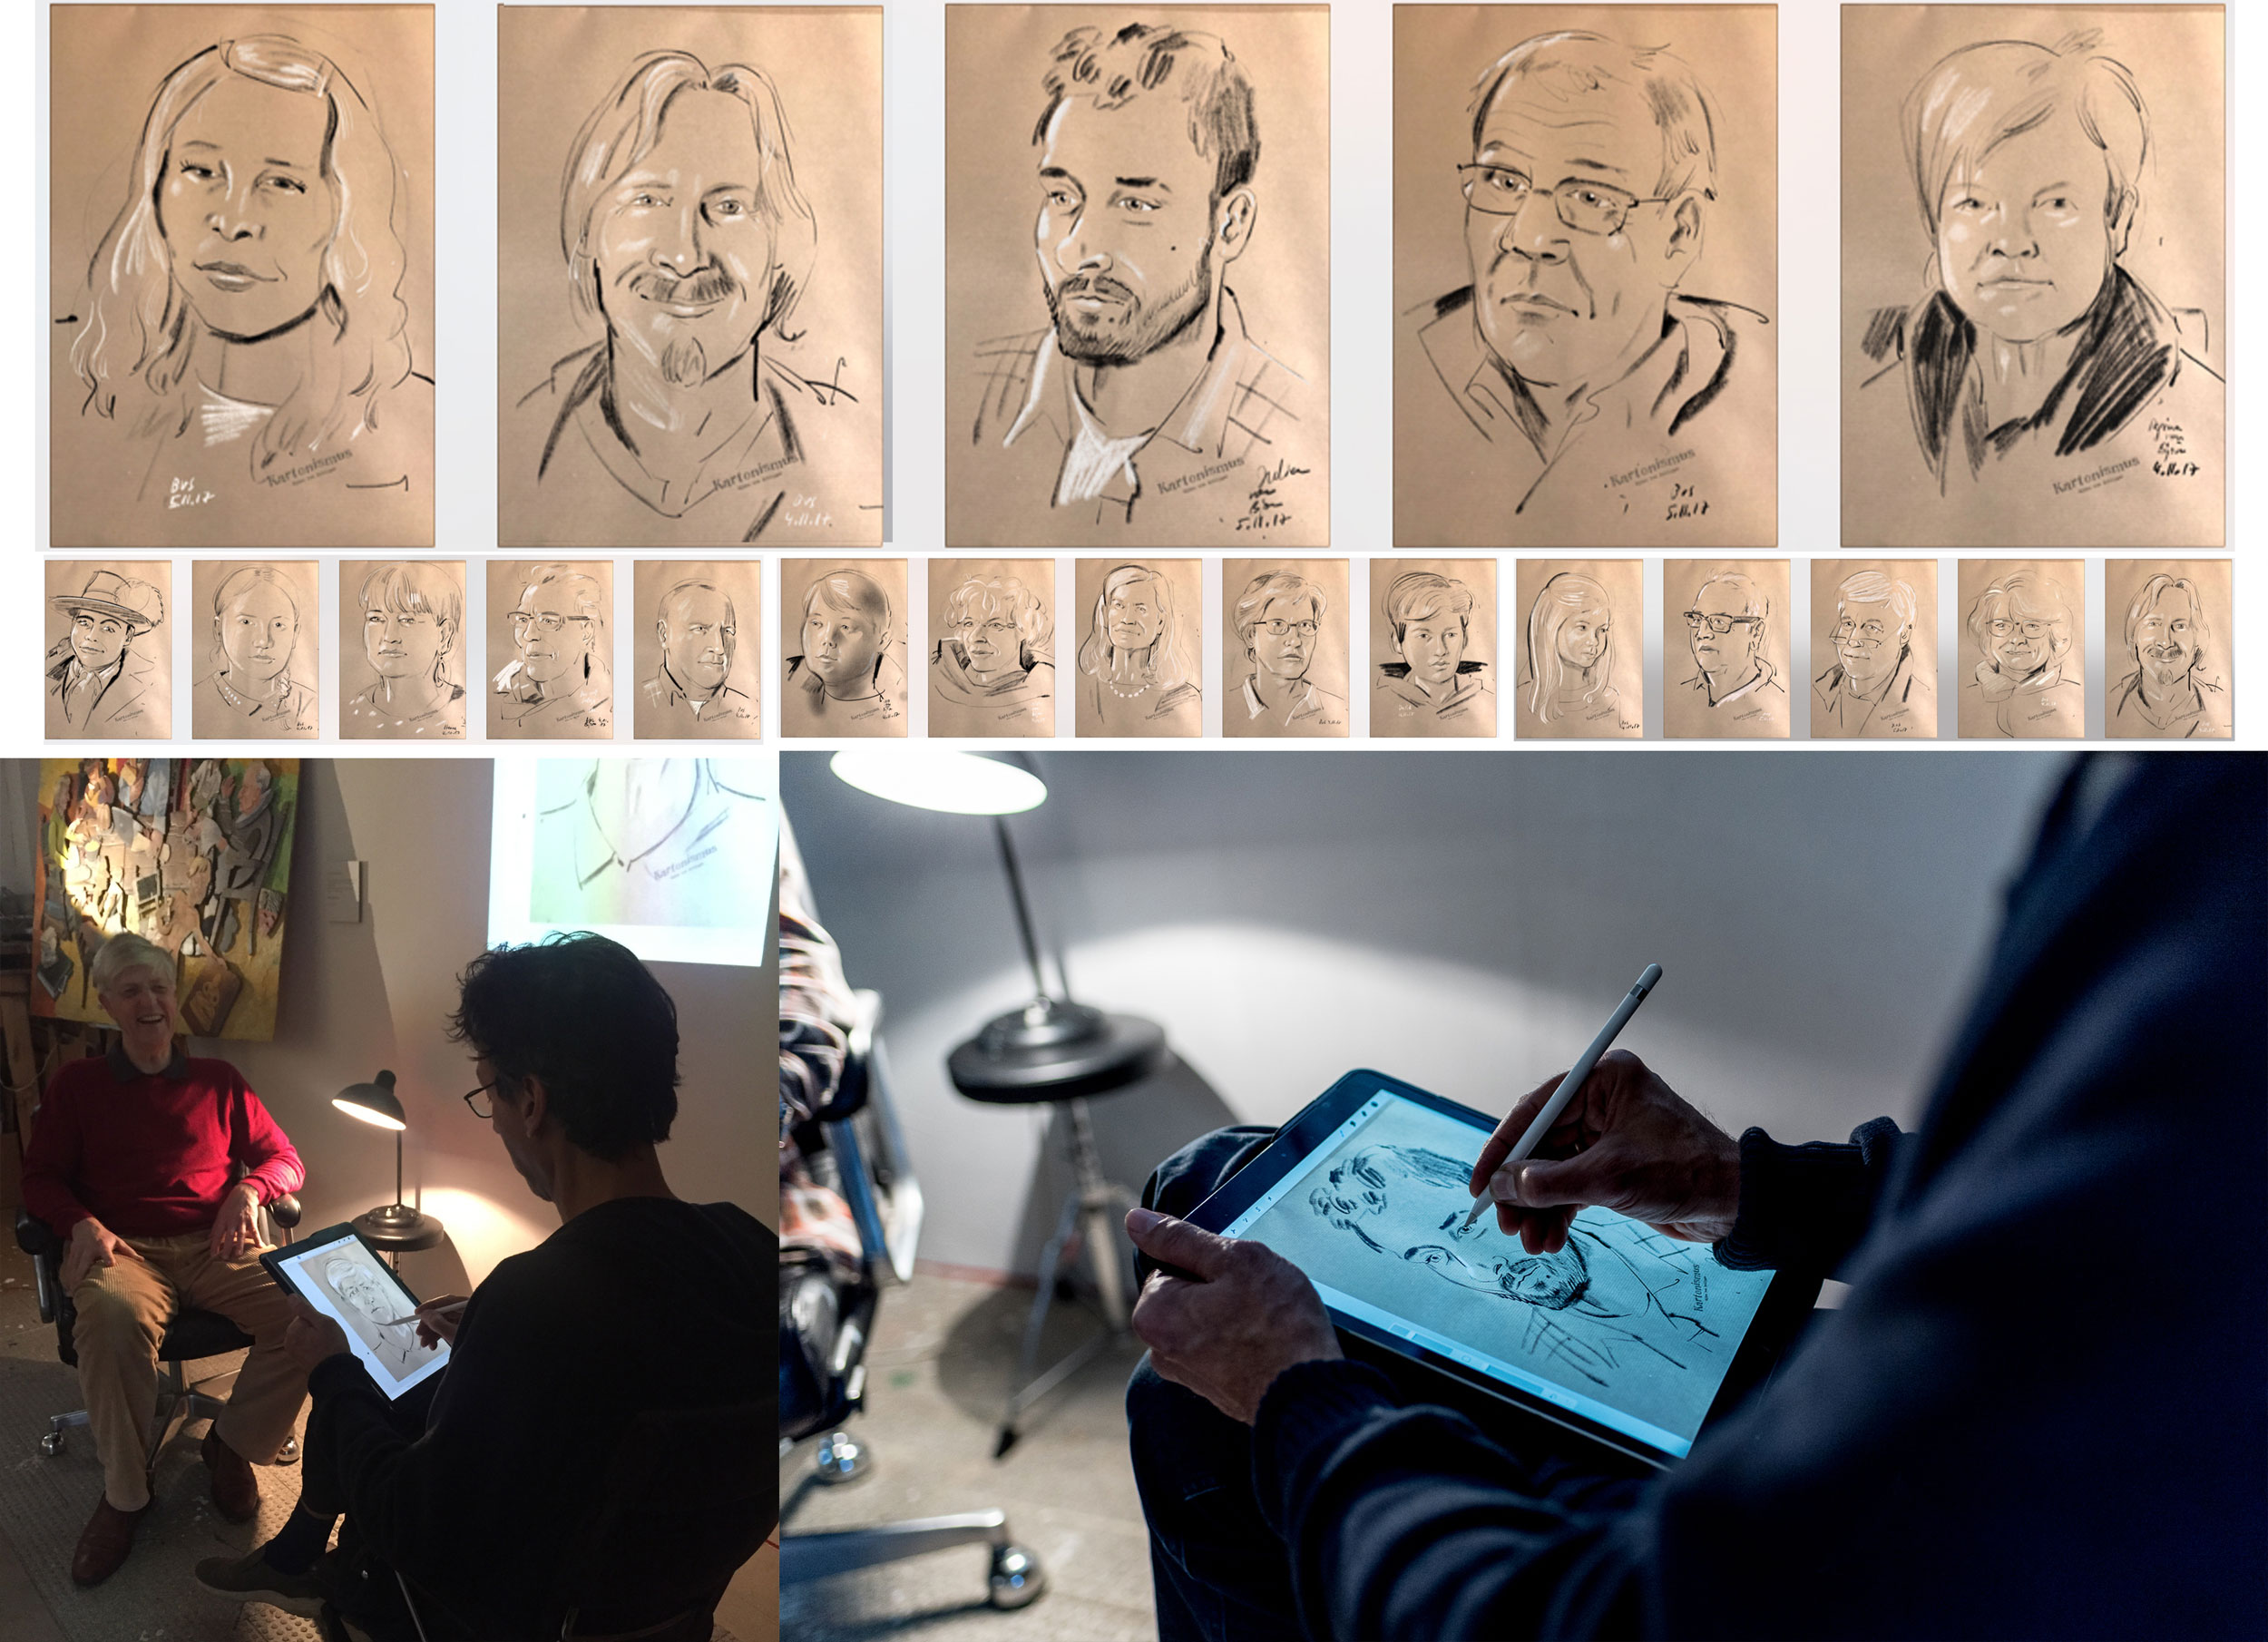 Offene Ateliers   Während der Tage der offenen Ateliers, porträtiere ich die Besucher auf dem iPad und übertrage die Zeichnung live per Beamer, mit Apple TV, an die Wand. So können viele Leute gleichzeitig zuschauen.  Unten Beispiele für das Entstehen von Porträts, gezeichnet auf dem iPad Pro, während einer Veranstaltung.